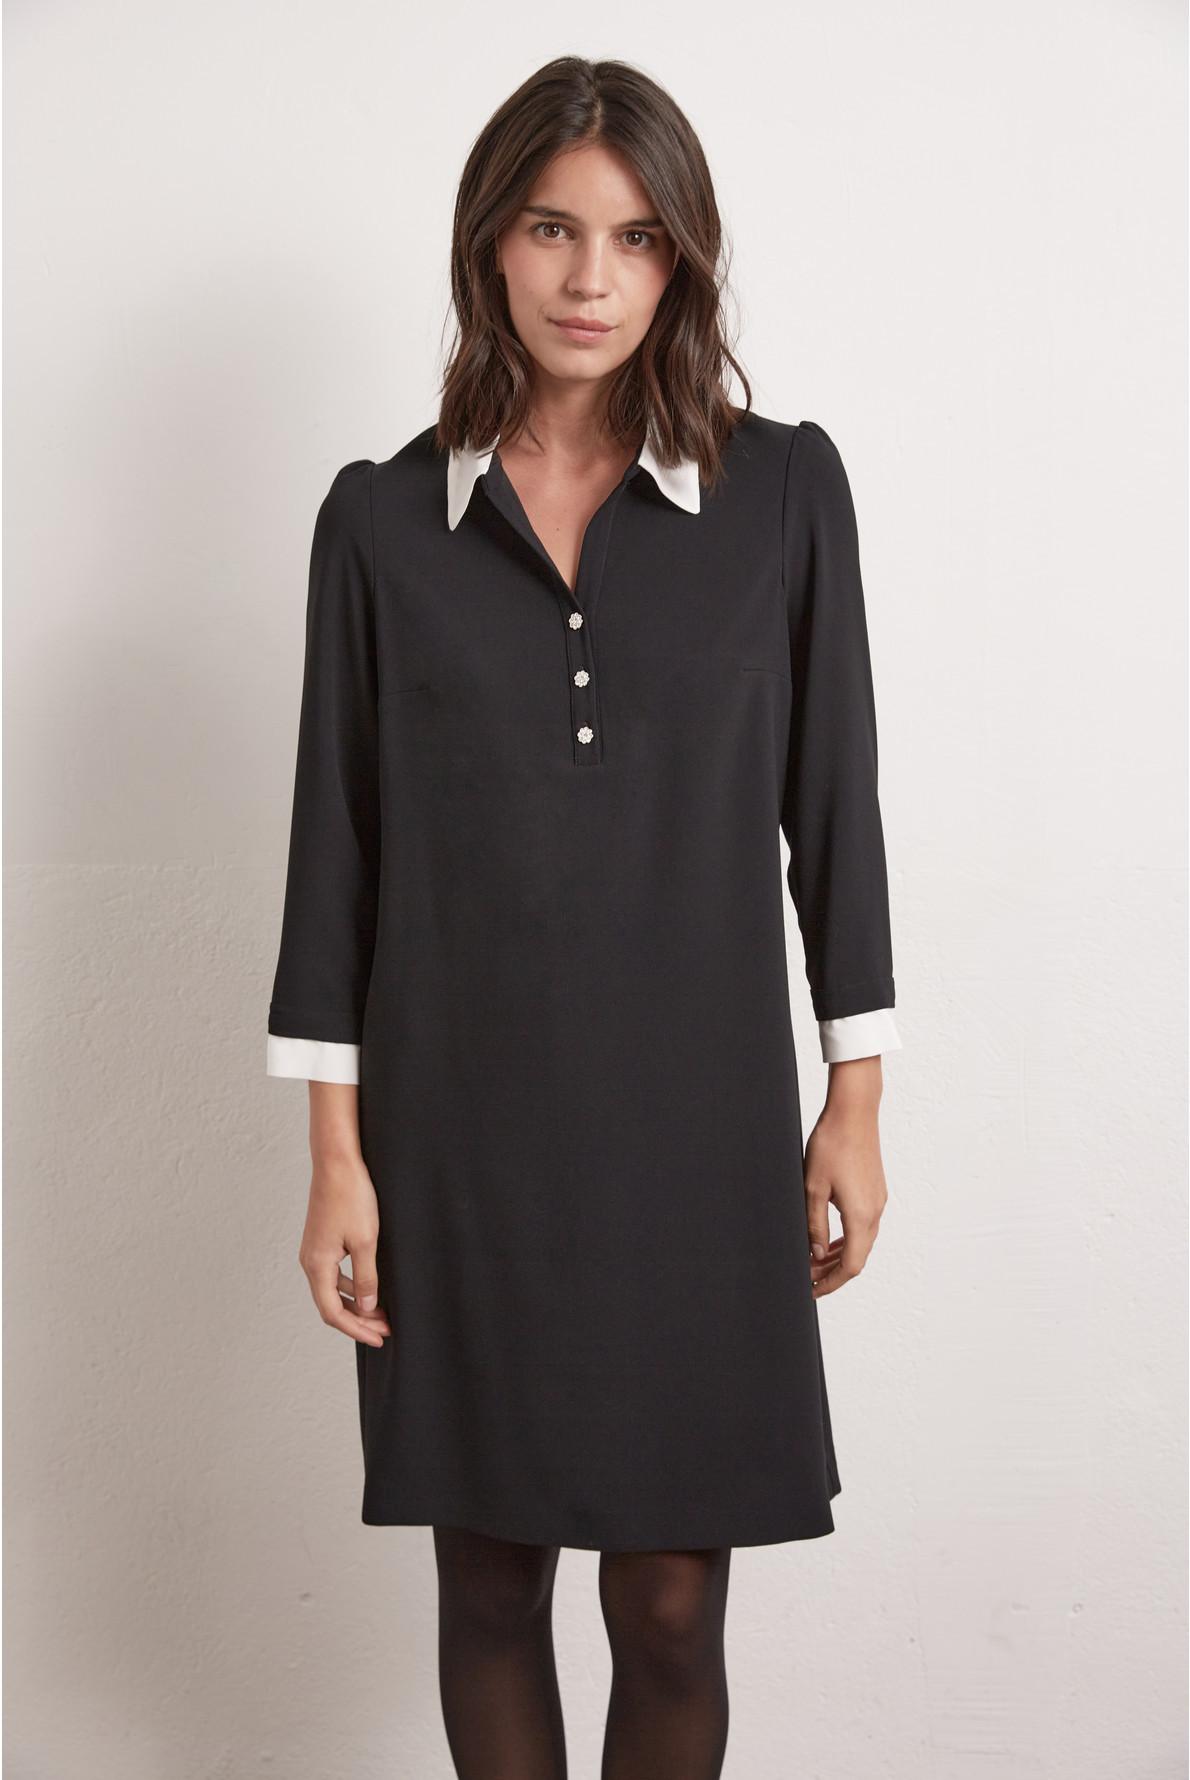 TICIA - Платье-рубашка из крепа